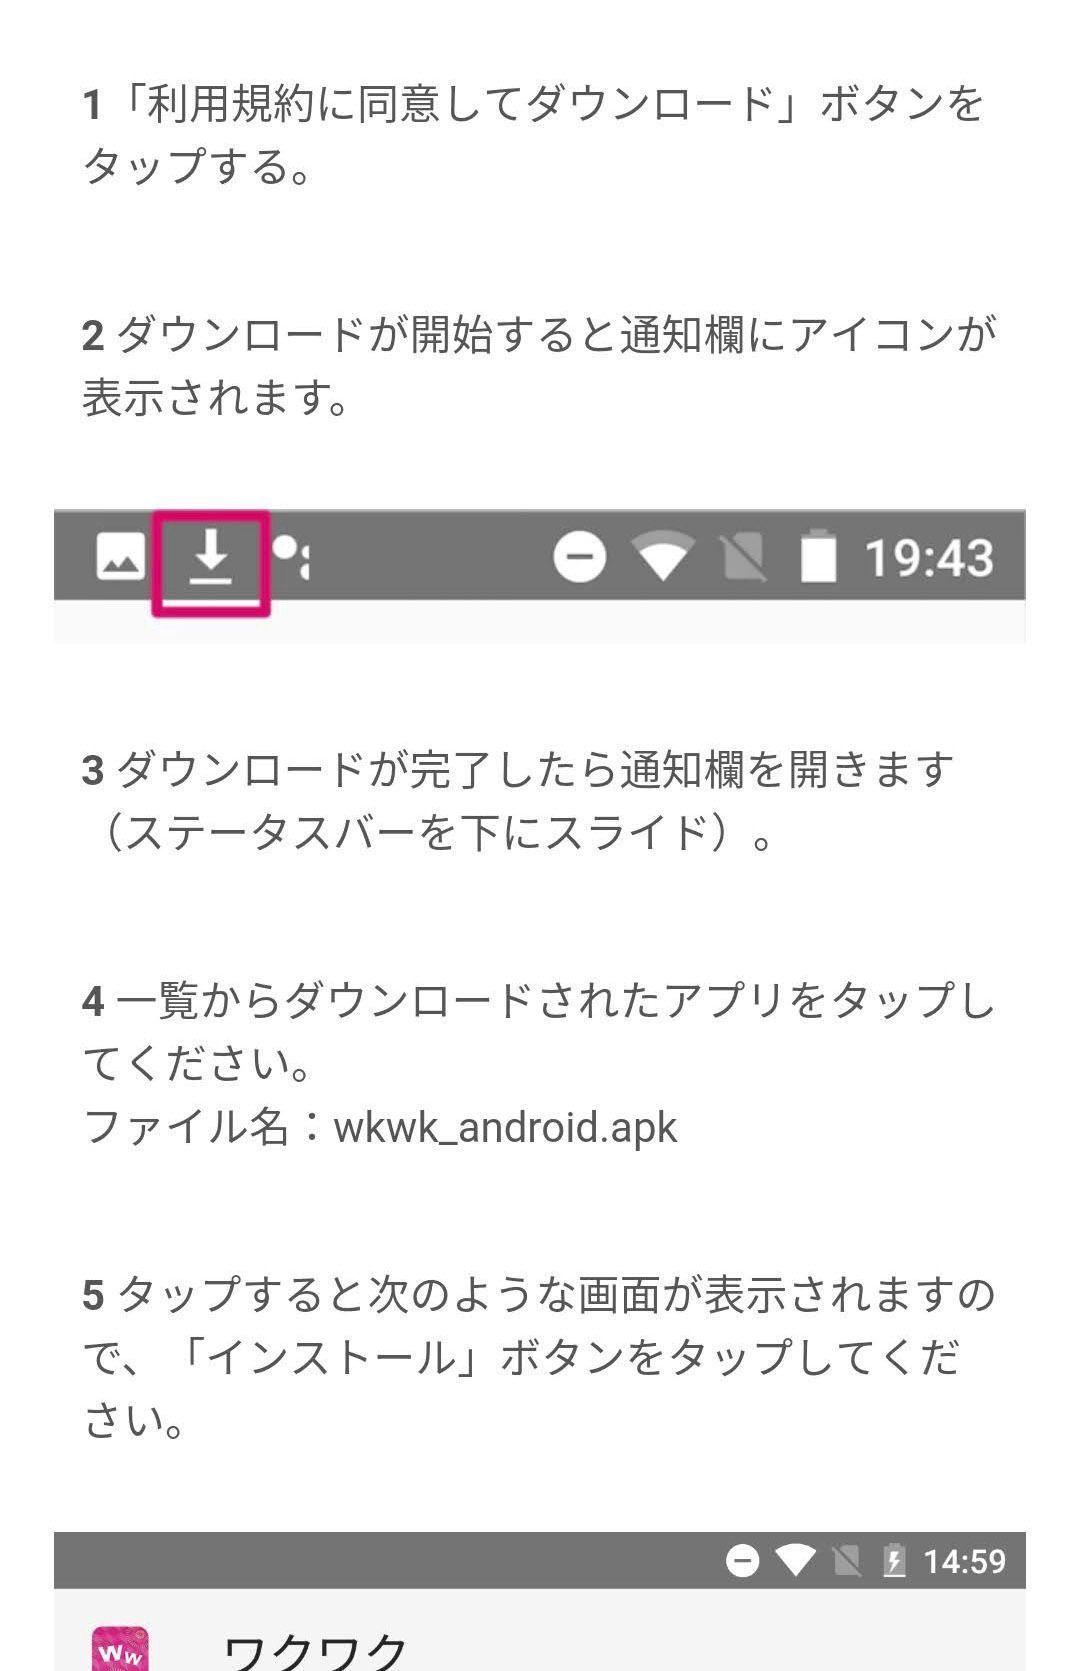 ワクワクメール アプリ ダウンロード